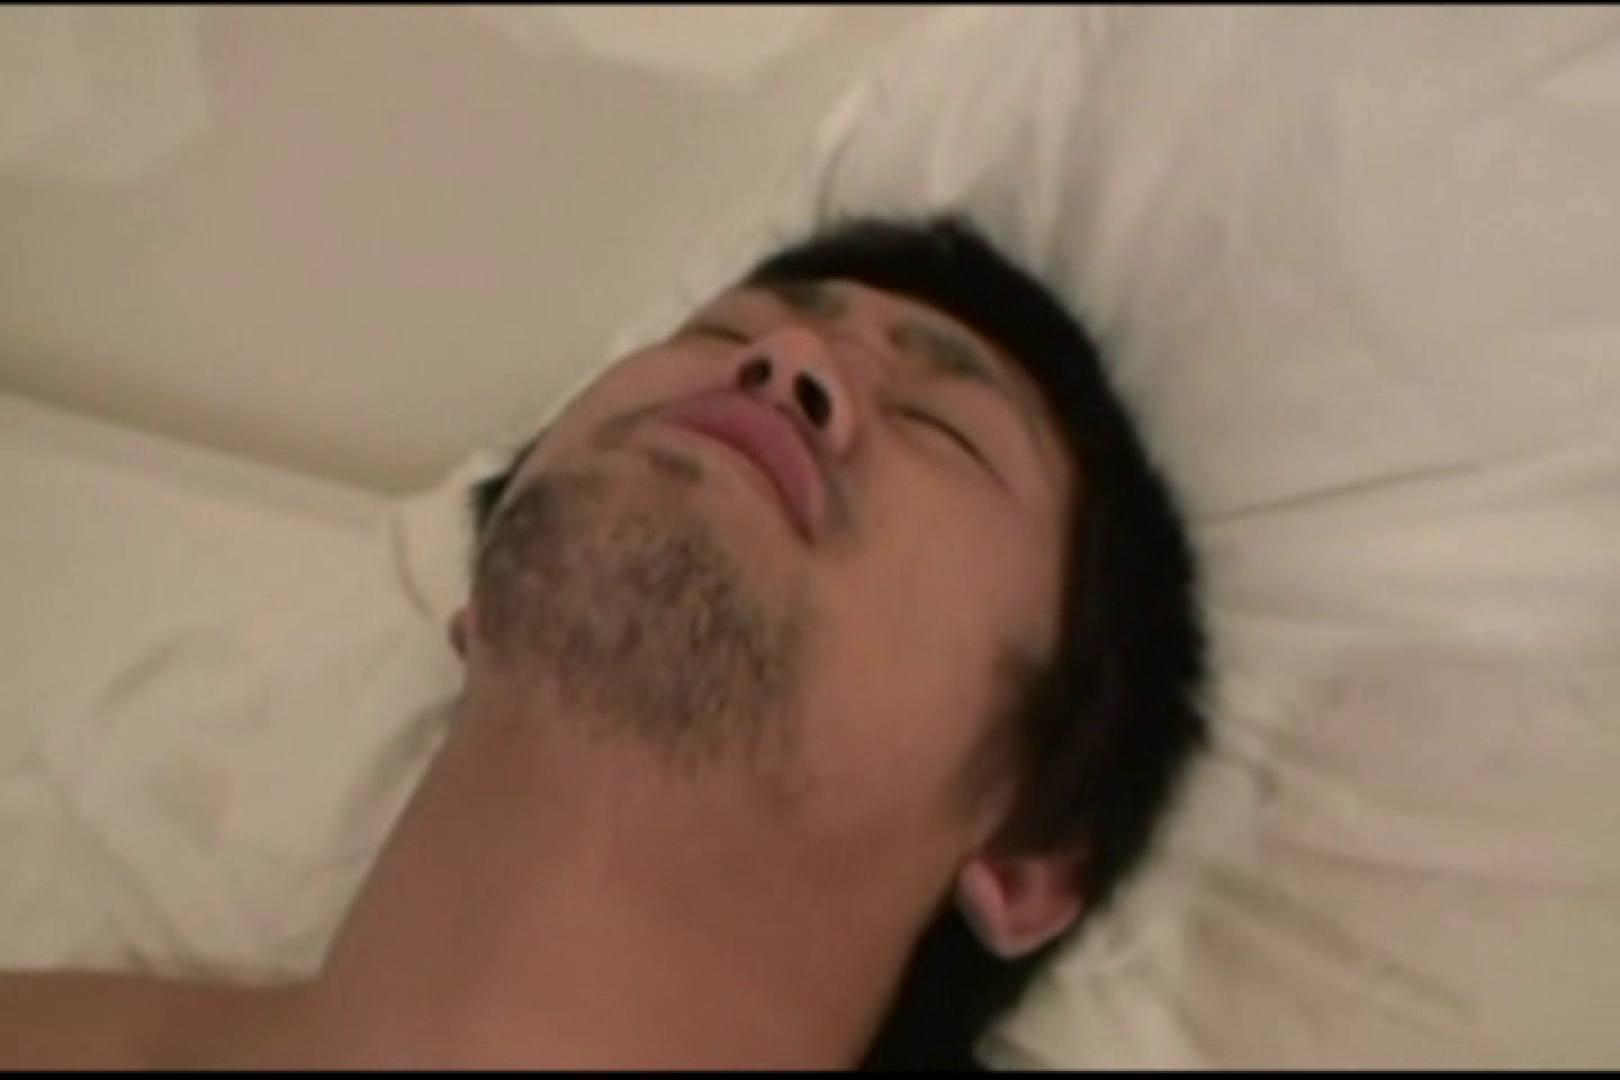 おっす!フェラ男っす!舐めさせてくださいっす! 菊指 ゲイアダルトビデオ画像 80枚 6